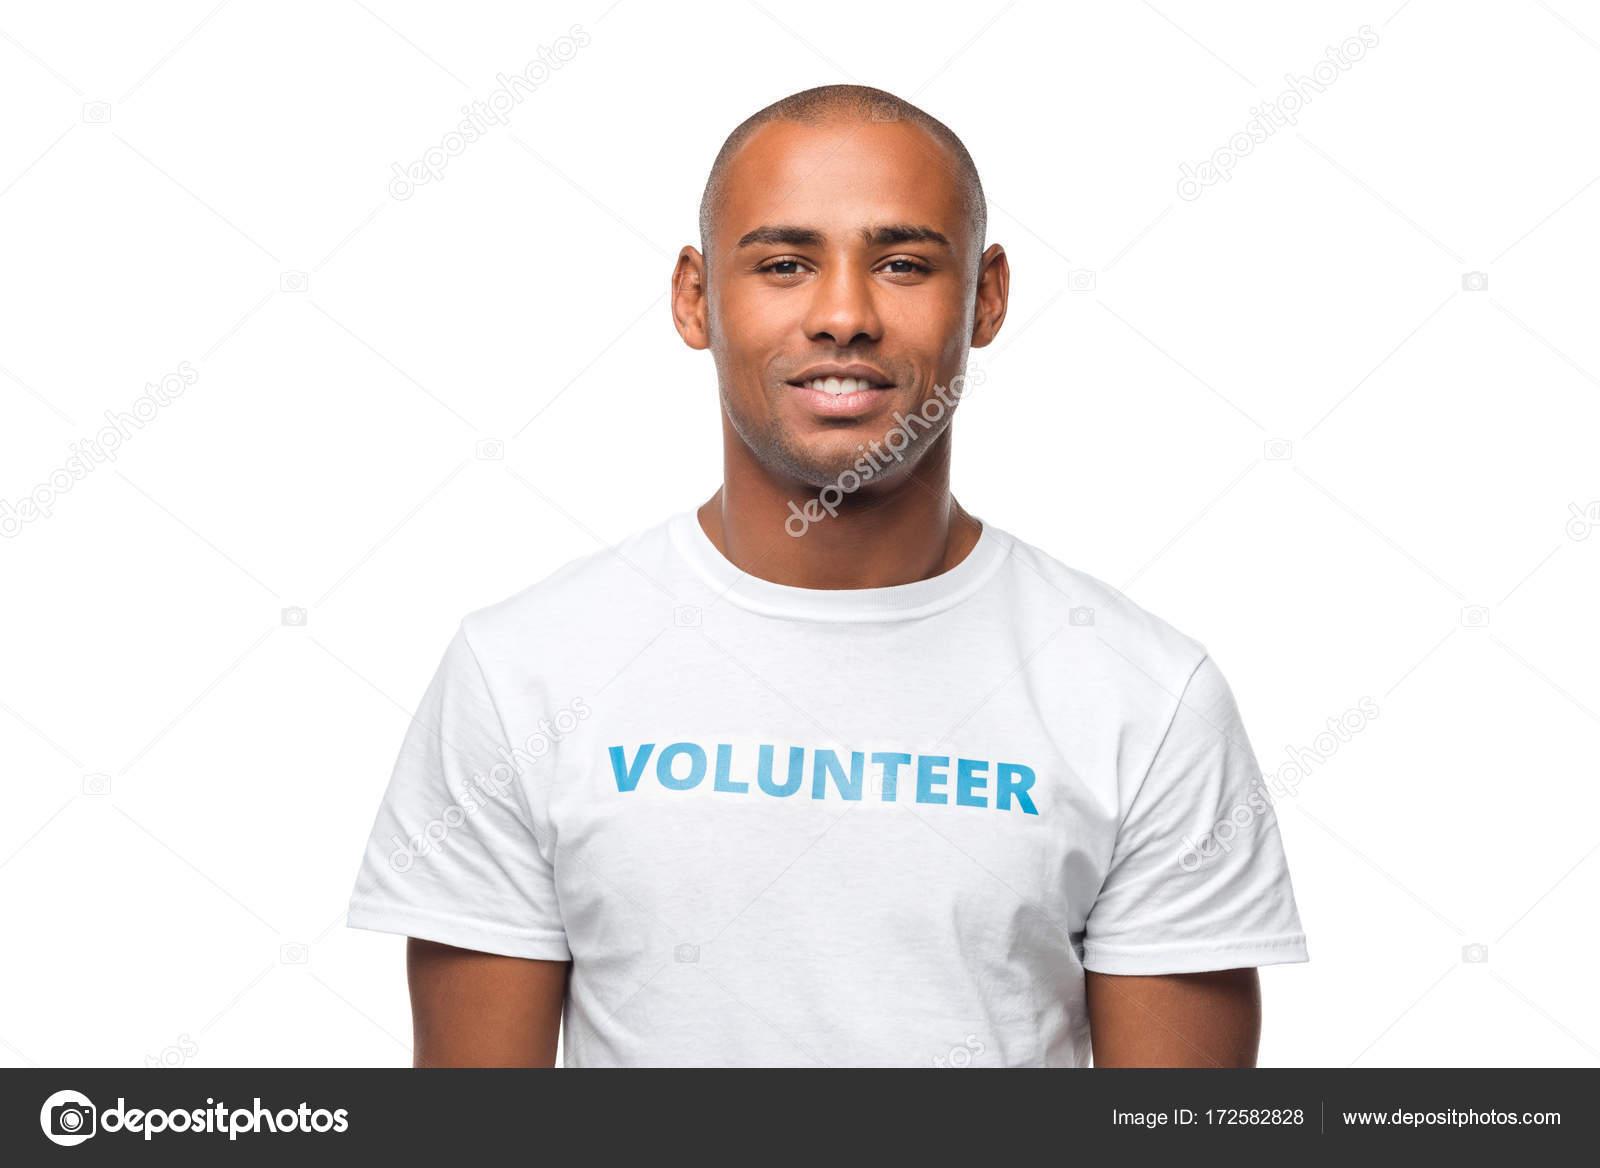 アフリカ系アメリカ人ボランティア — ストック写真